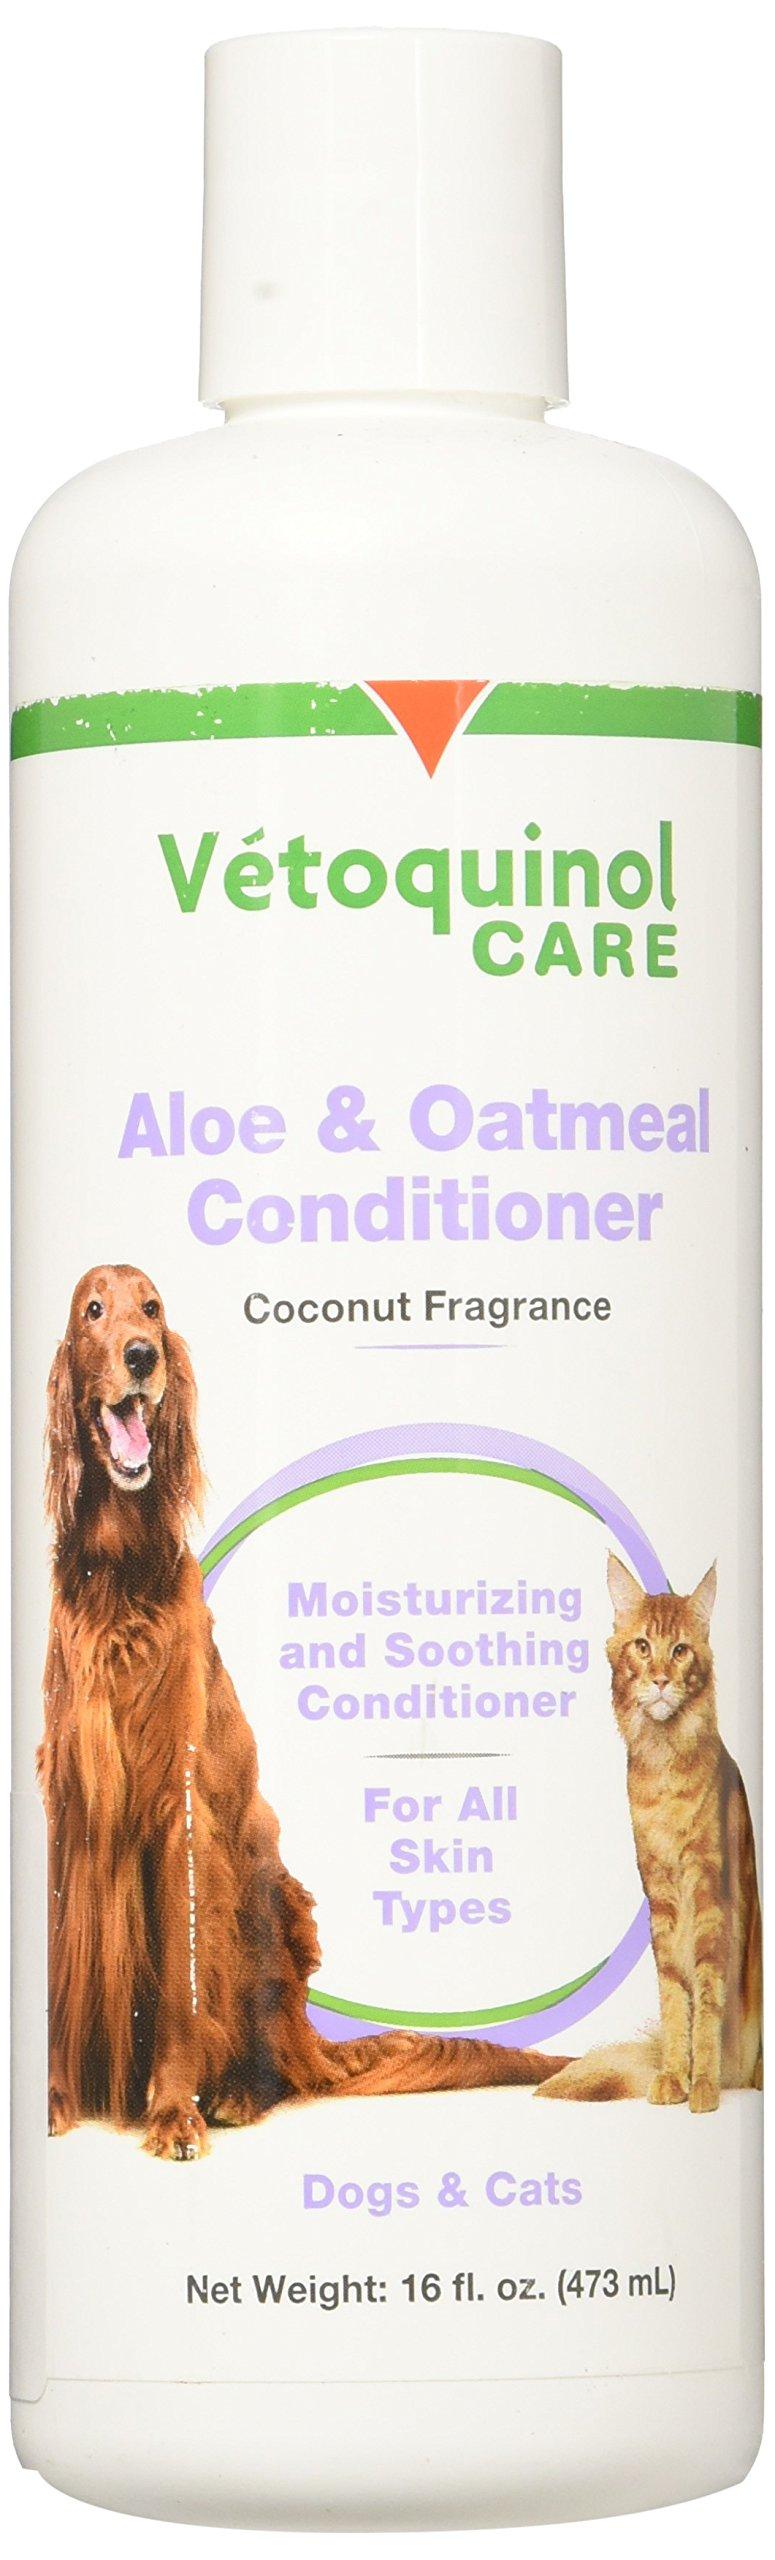 Vetoquinol Aloe and Oatmeal Conditioner, 16 oz